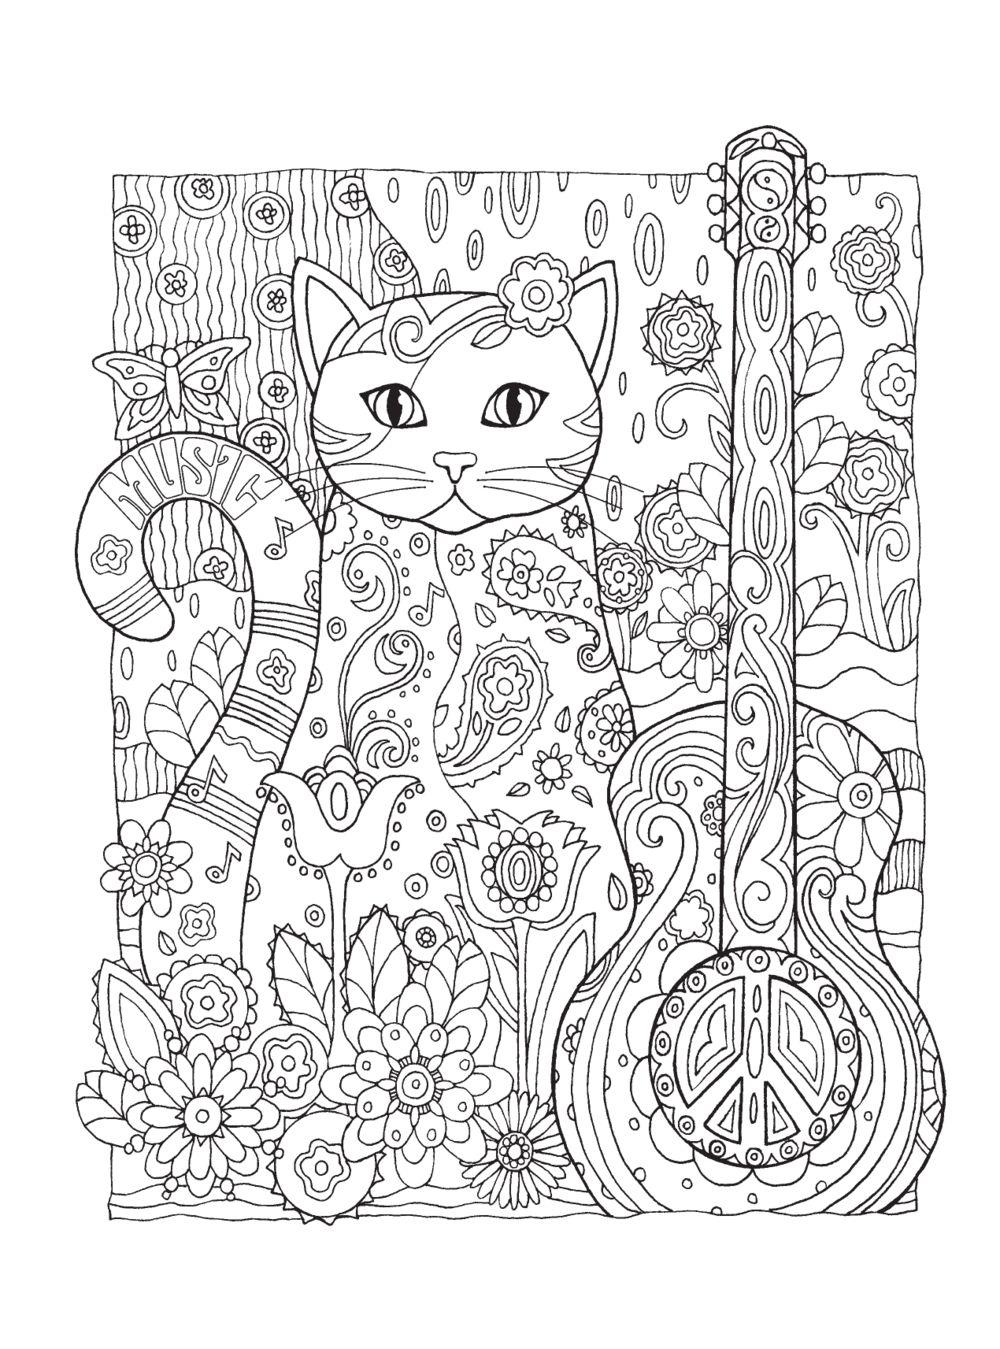 котики раскраски поднимающие настроение